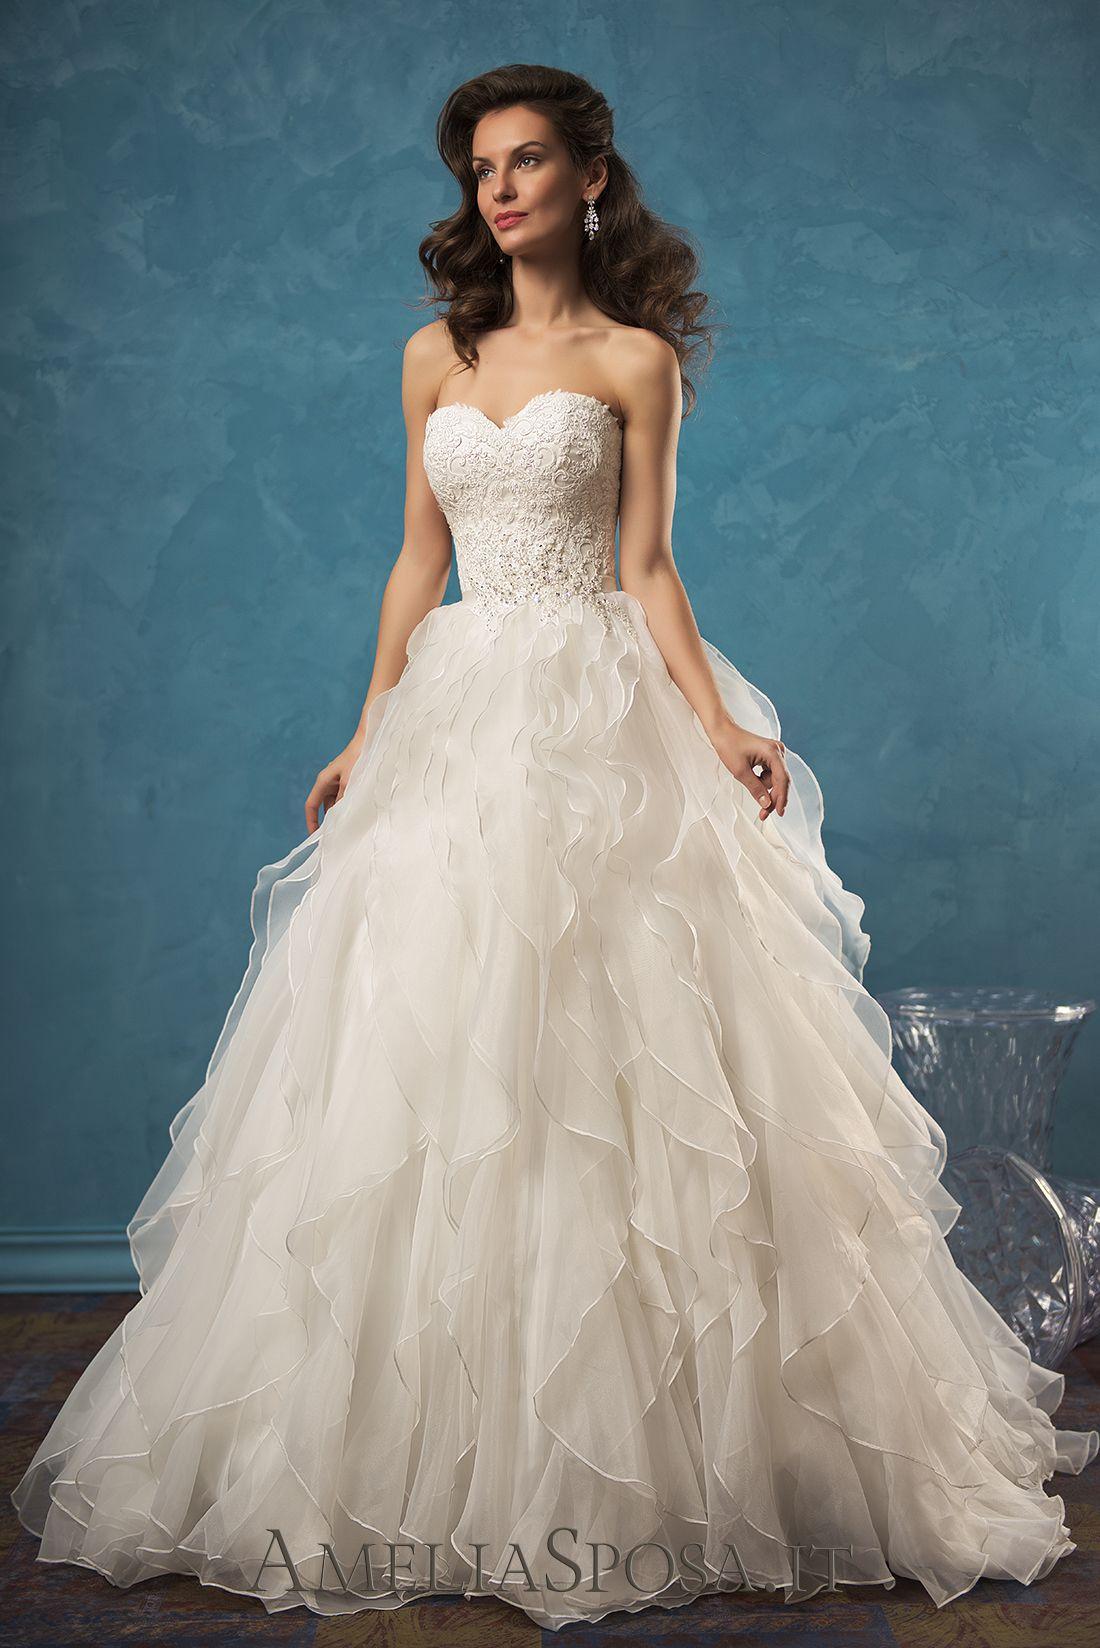 Wedding Dress Palmira, Silhouette: A-line, Ball Gown | Wedding ...